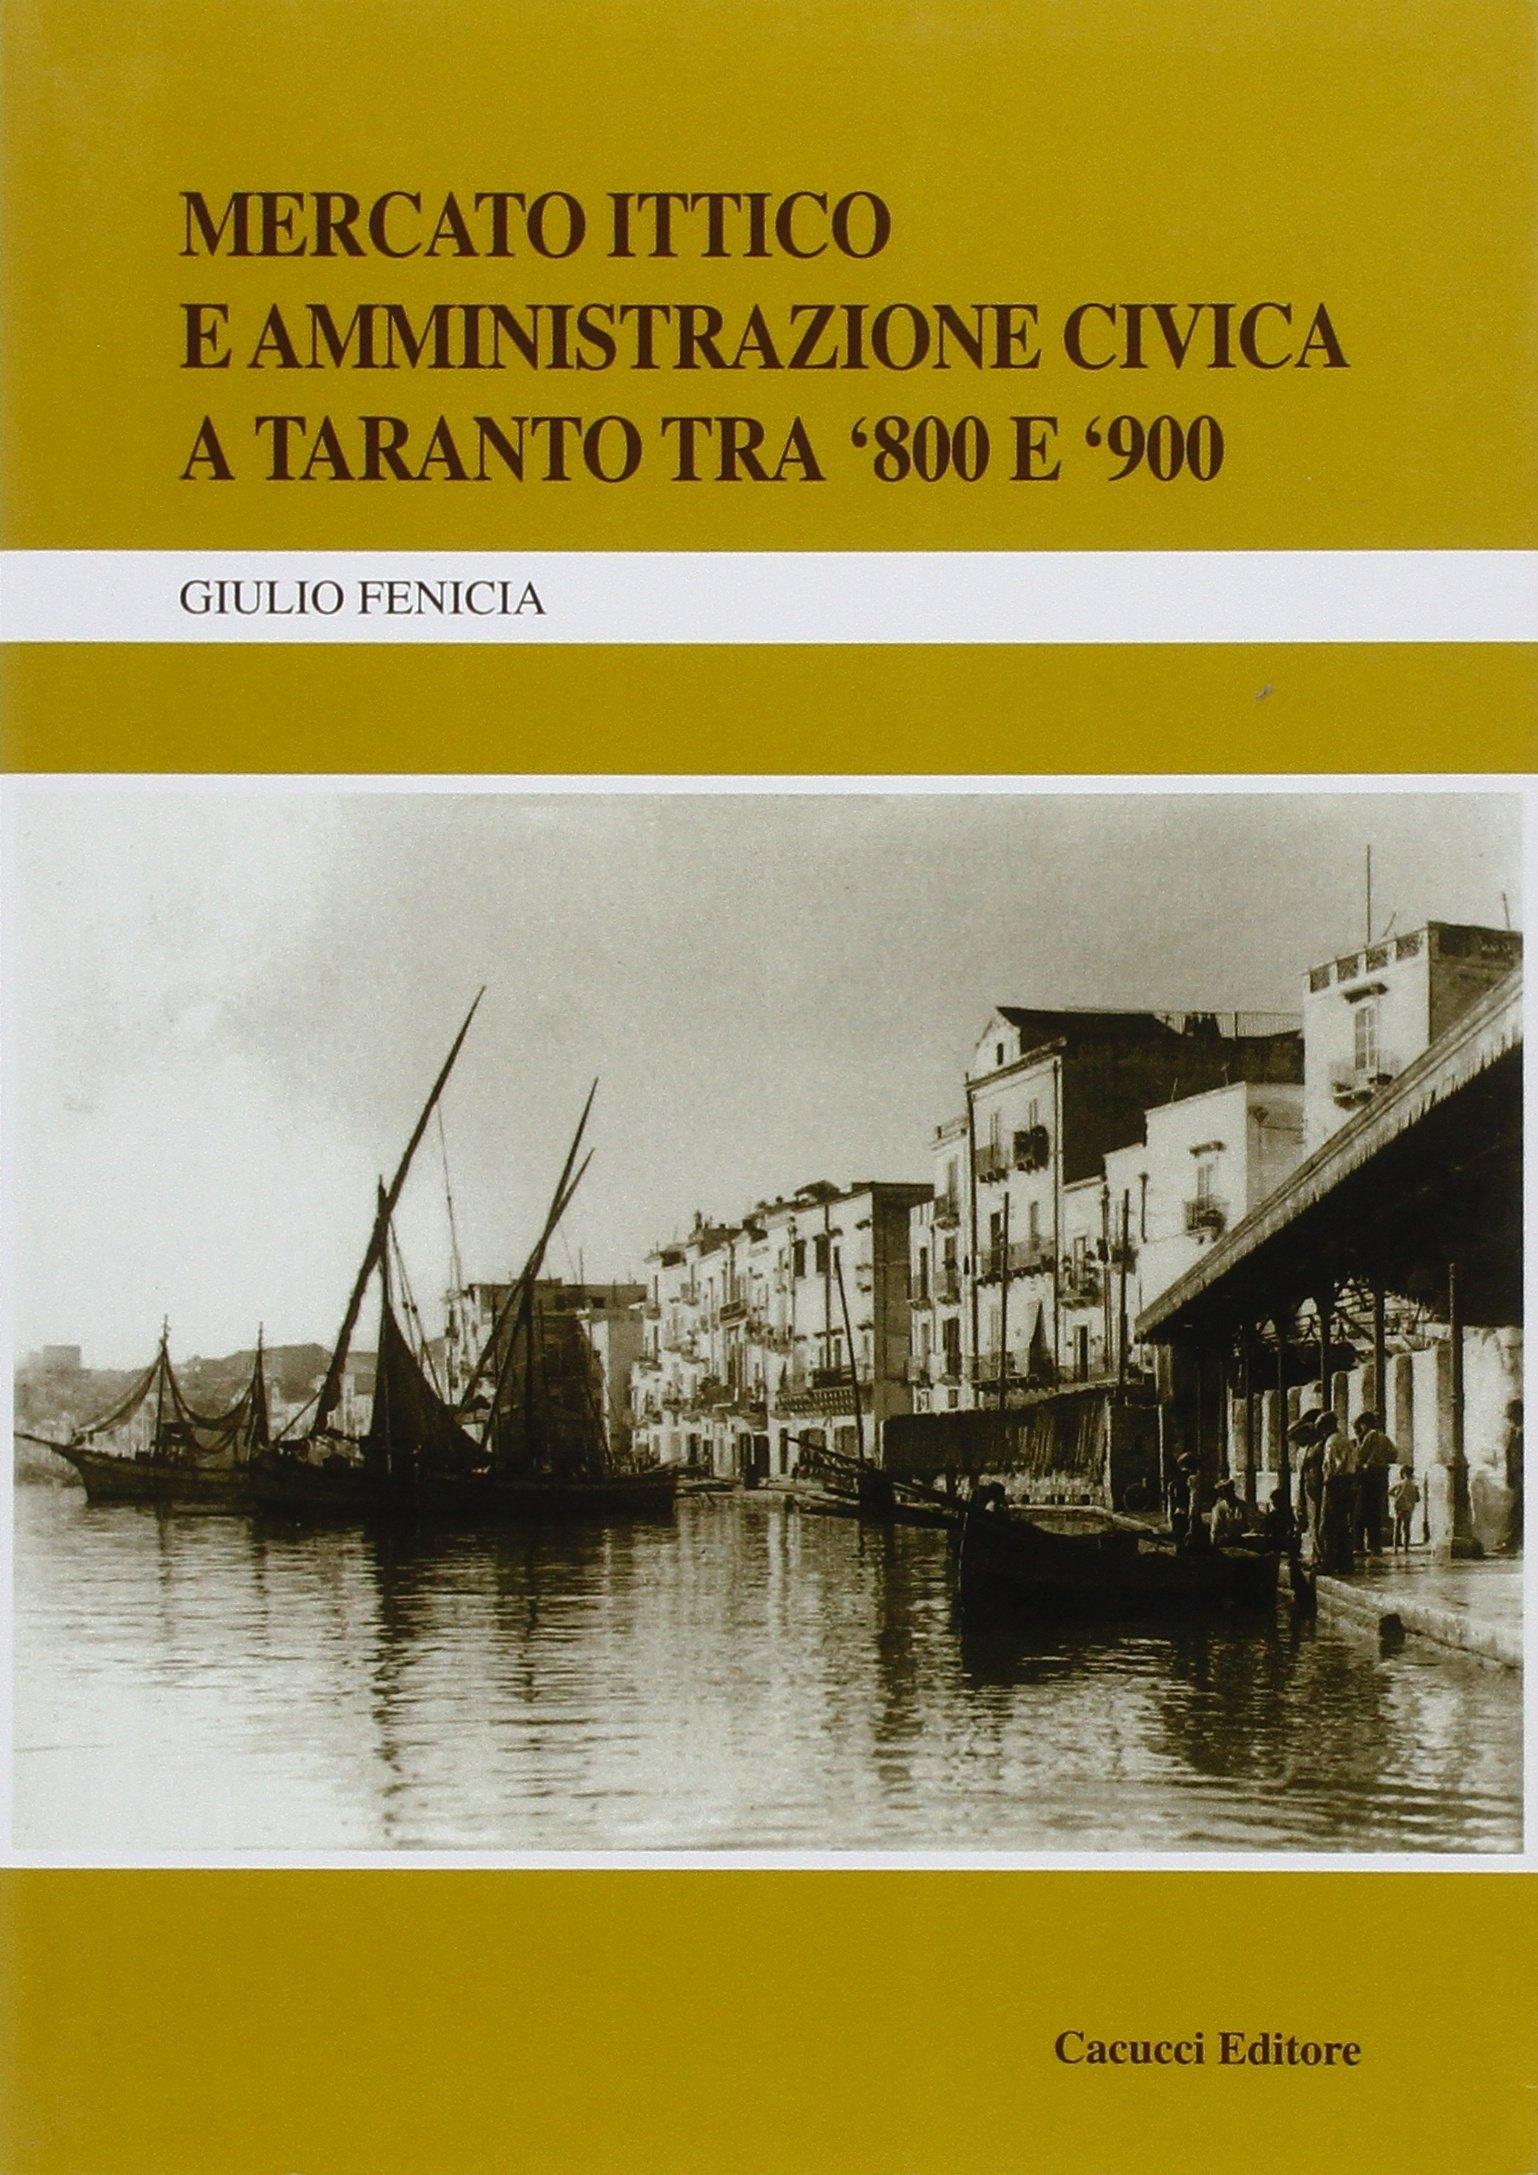 Mercato ittico e amministrazione civica a Taranto tra '800 e '900.